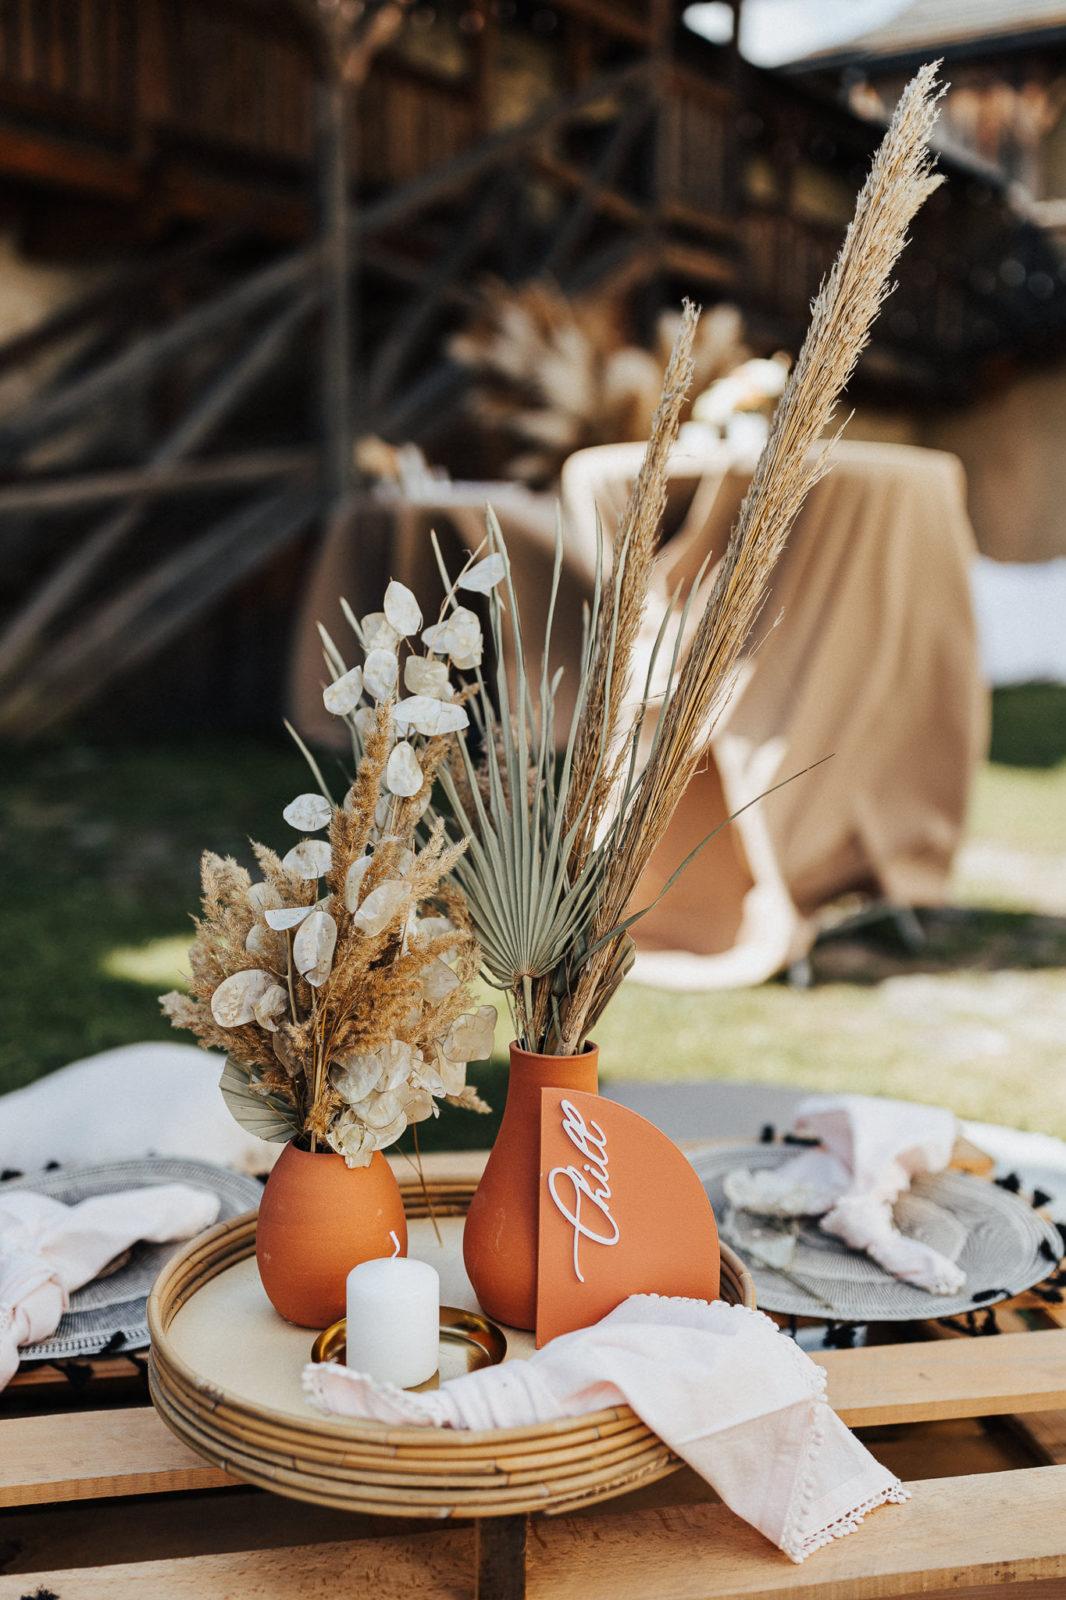 svadobná relax zóna od Madelaine a Príbeh svadby